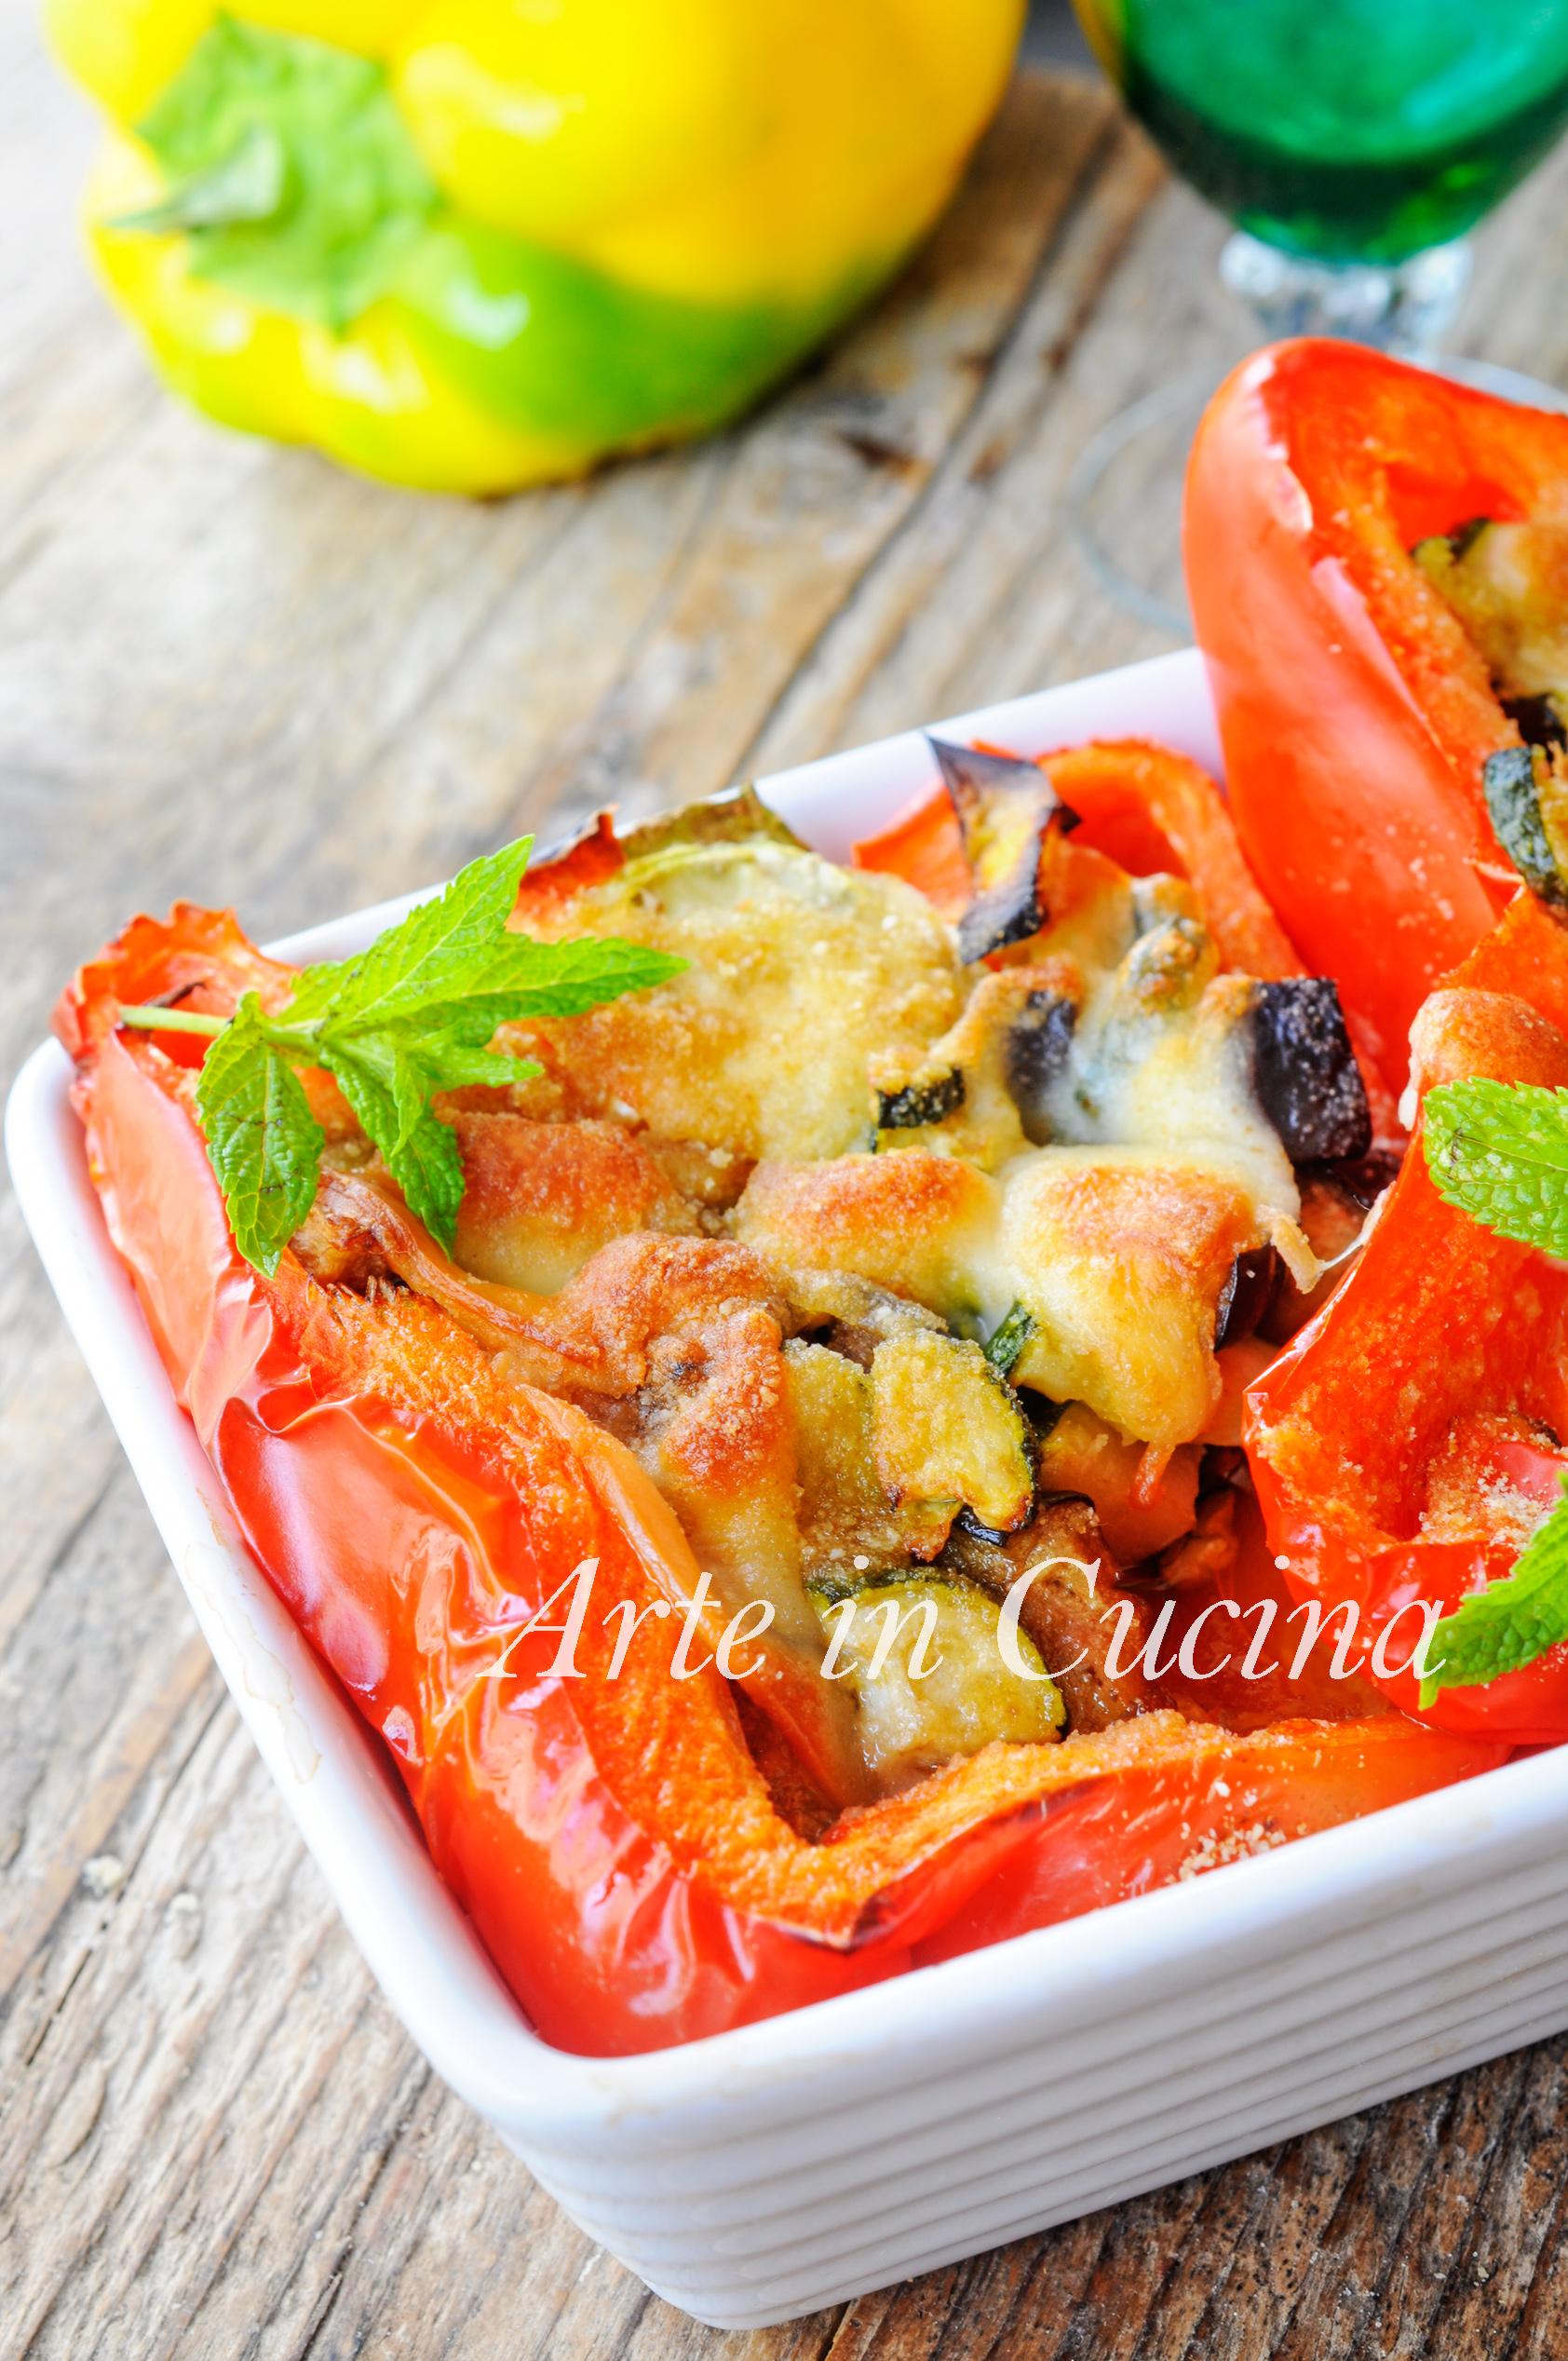 Peperoni ripieni alla montanara ricetta facile vickyart arte in cucina